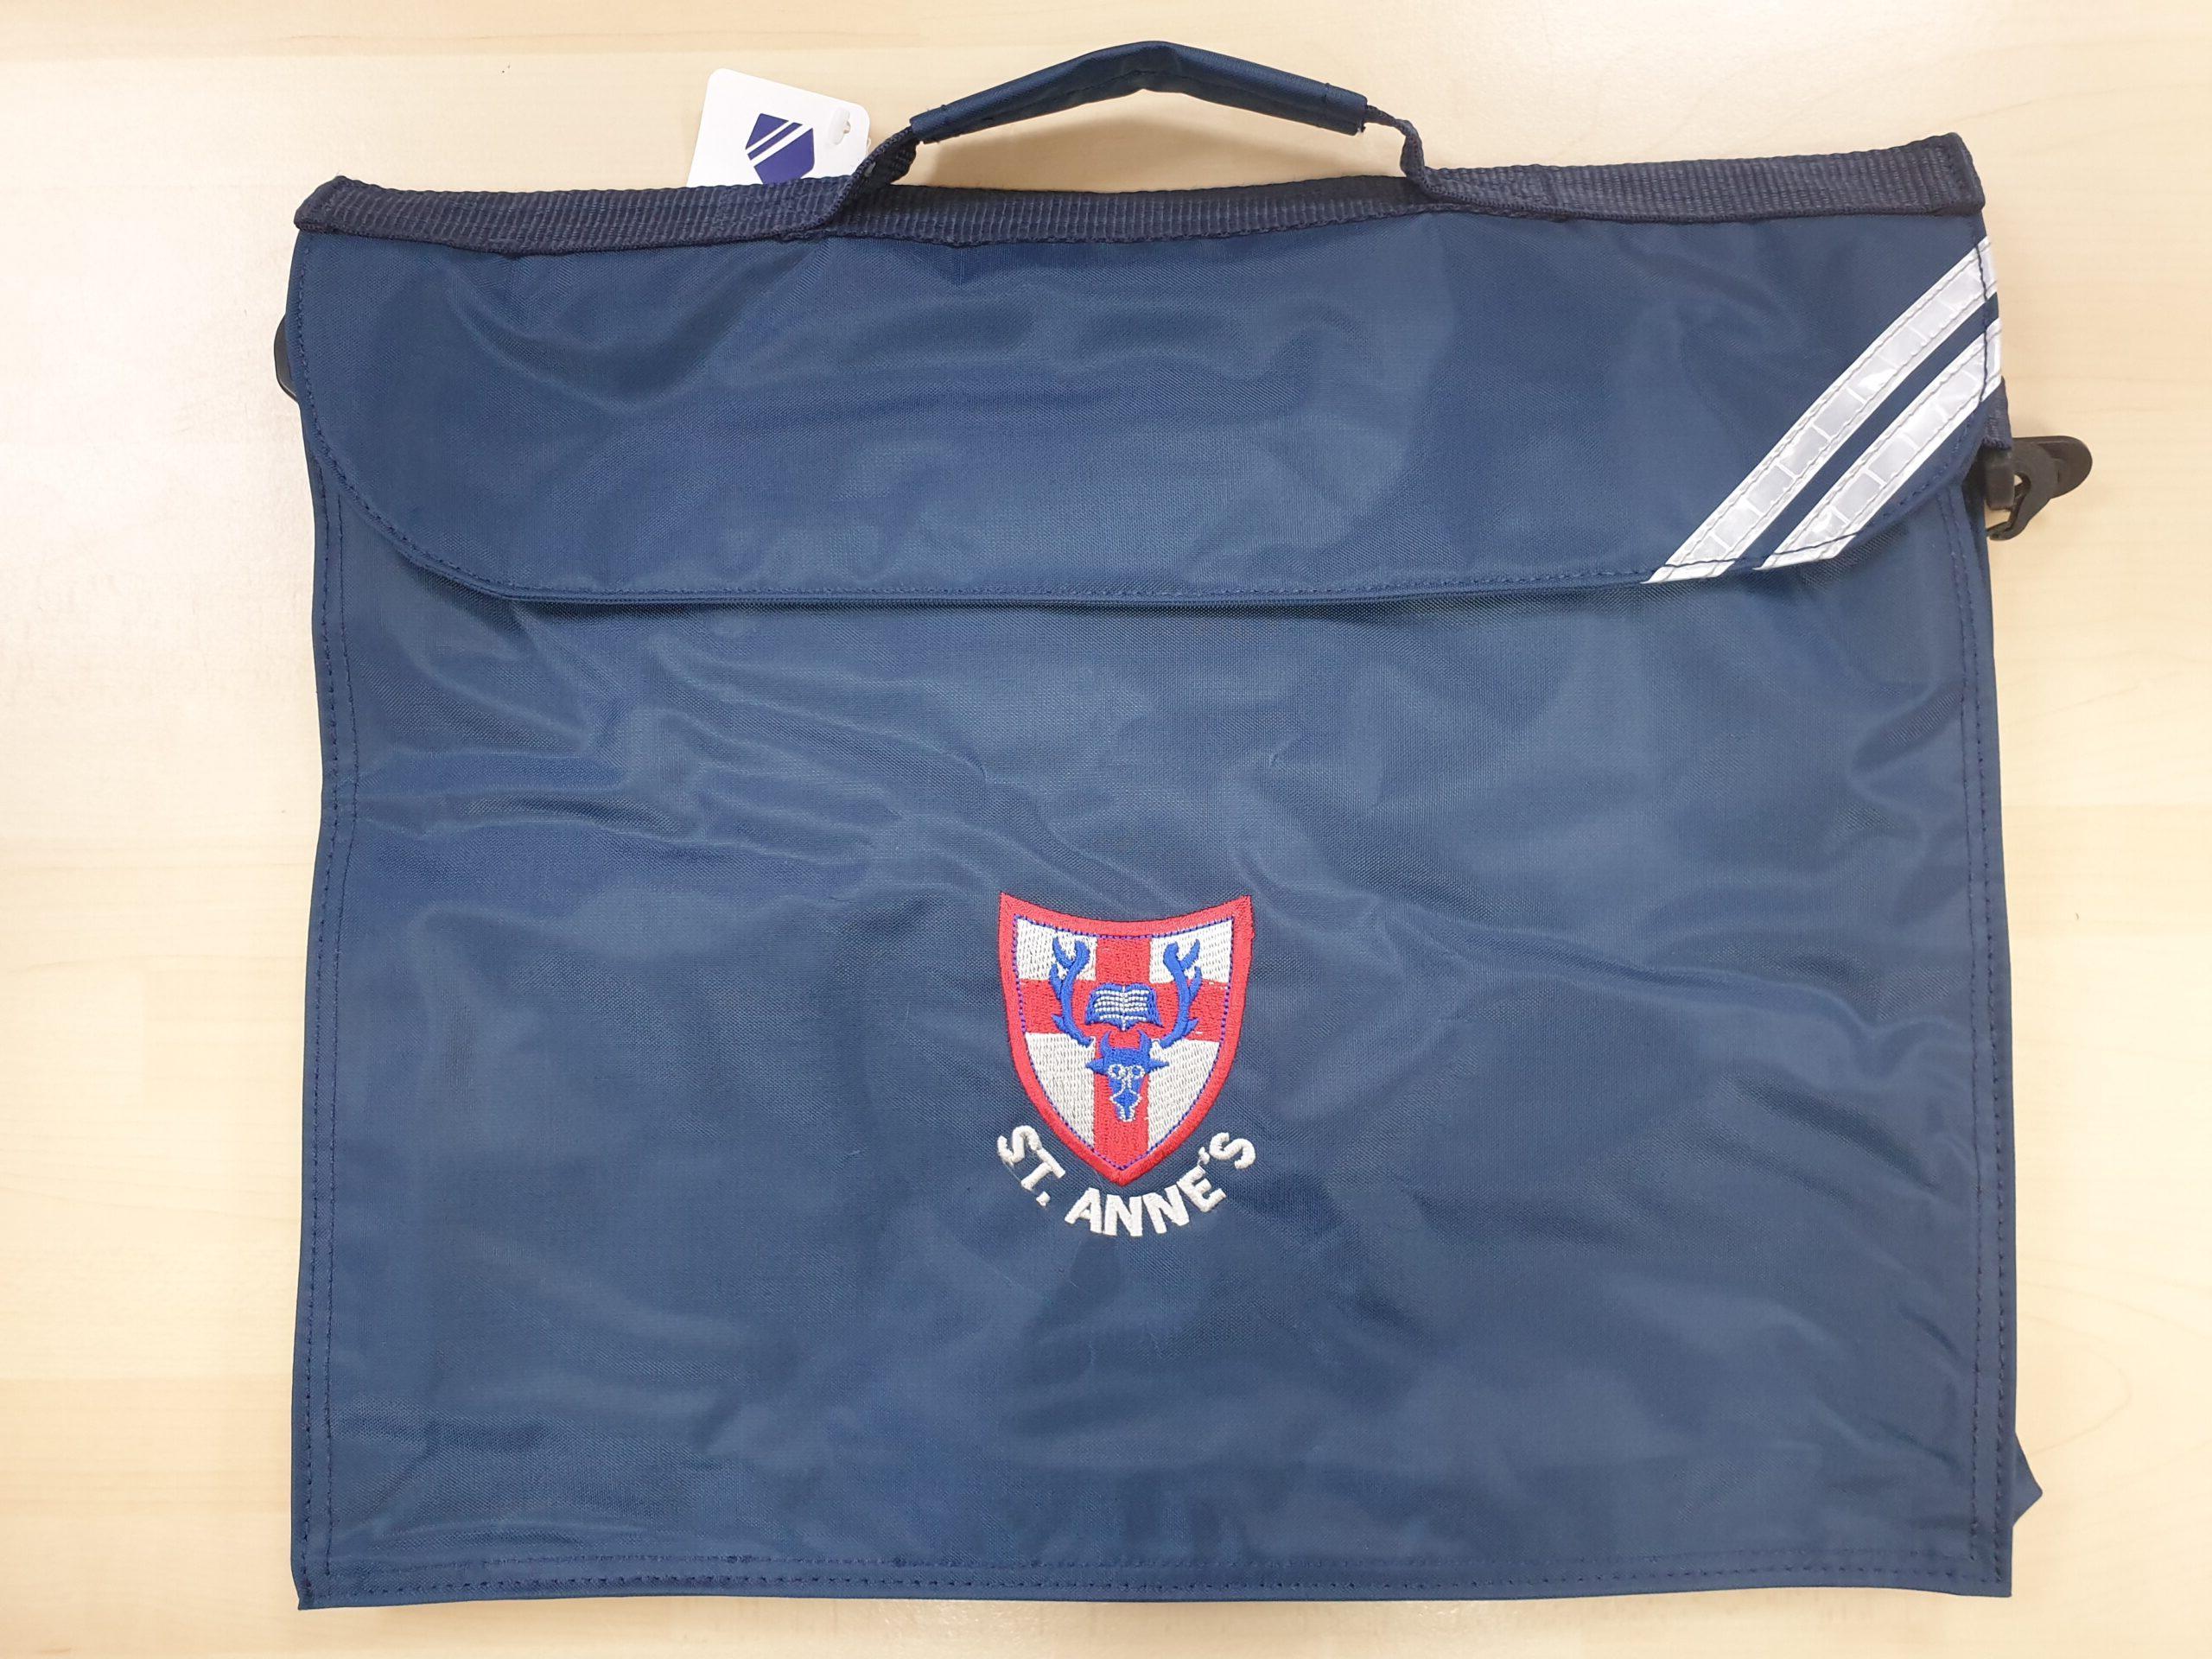 St annes bookbag